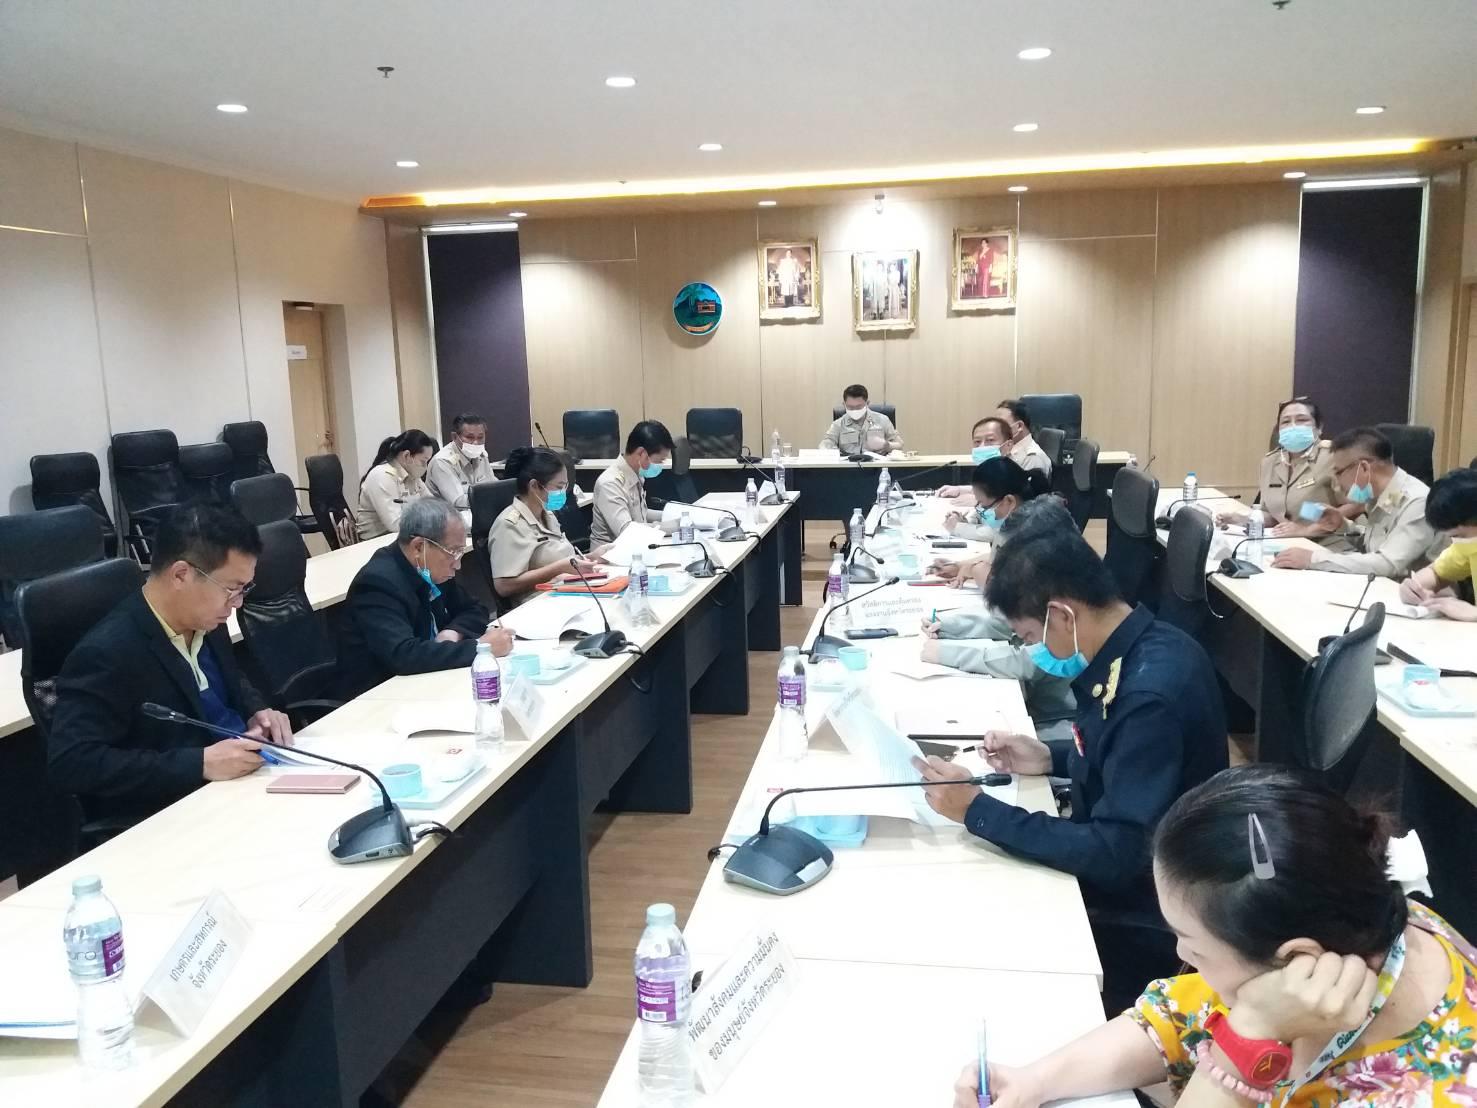 สำนักงานแรงงานจังหวัดระยอง จัดการประชุมคณะทำงานจัดทำแผนปฏิบัติการด้านแรงงานจังหวัดระยอง (พ.ศ. 2563-2565) ครั้งที่ 1/2564